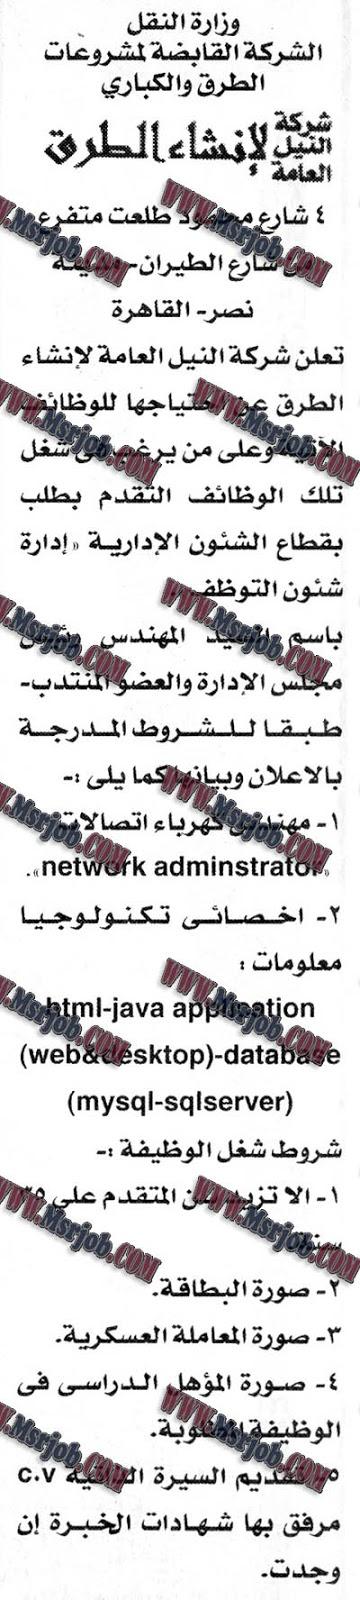 """اعلان وظائف وزارة النقل """"شركة النيل العامة لانشاء الطرق"""" التقديم والشروط هنا"""